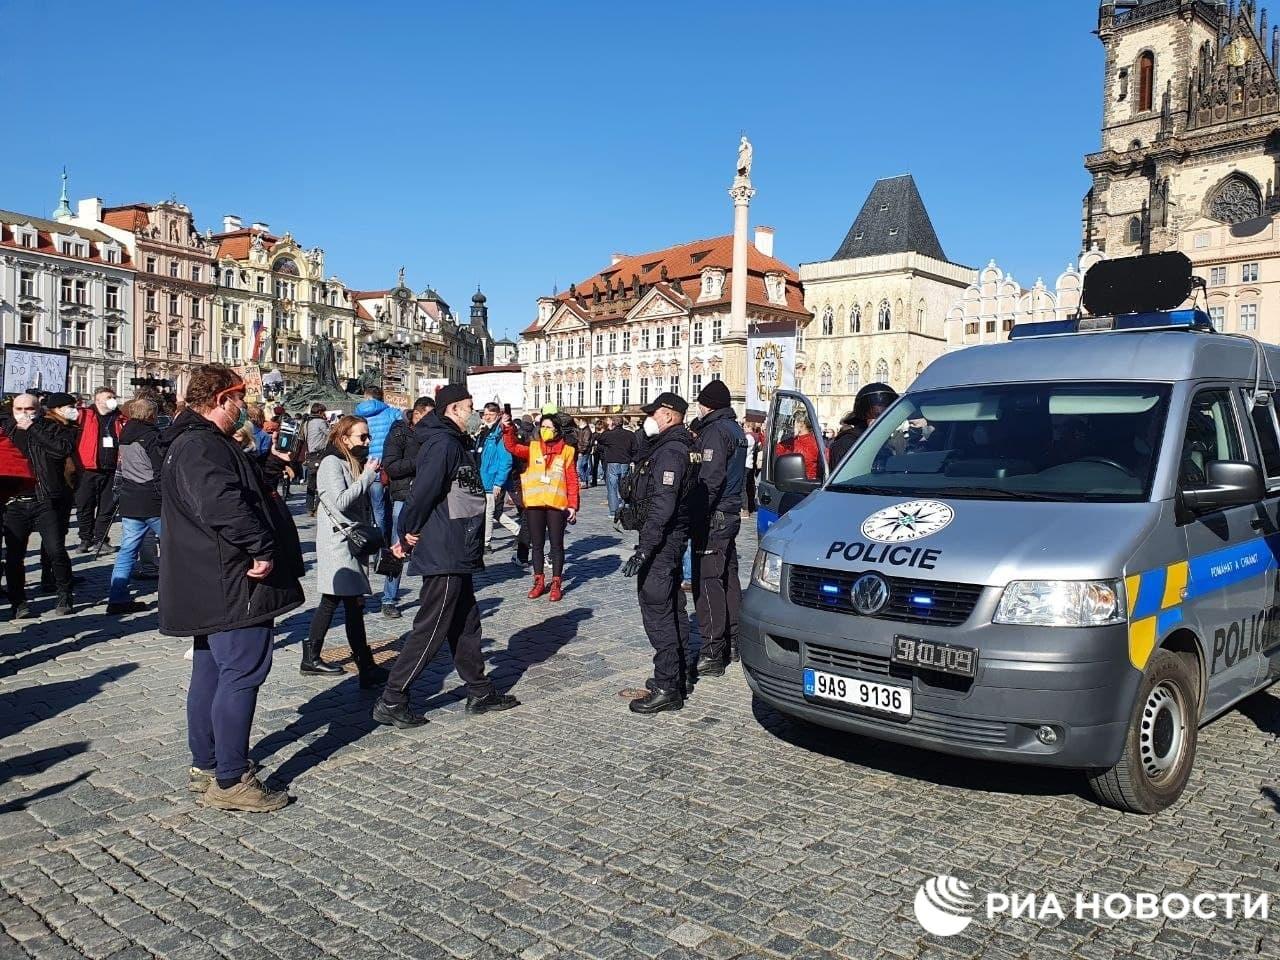 التشيك.. الشرطة تمنع تجمعا ضد قيود كورونا في براغ بسبب رفض المشاركين الامتثال للقواعد الاحترازيةا